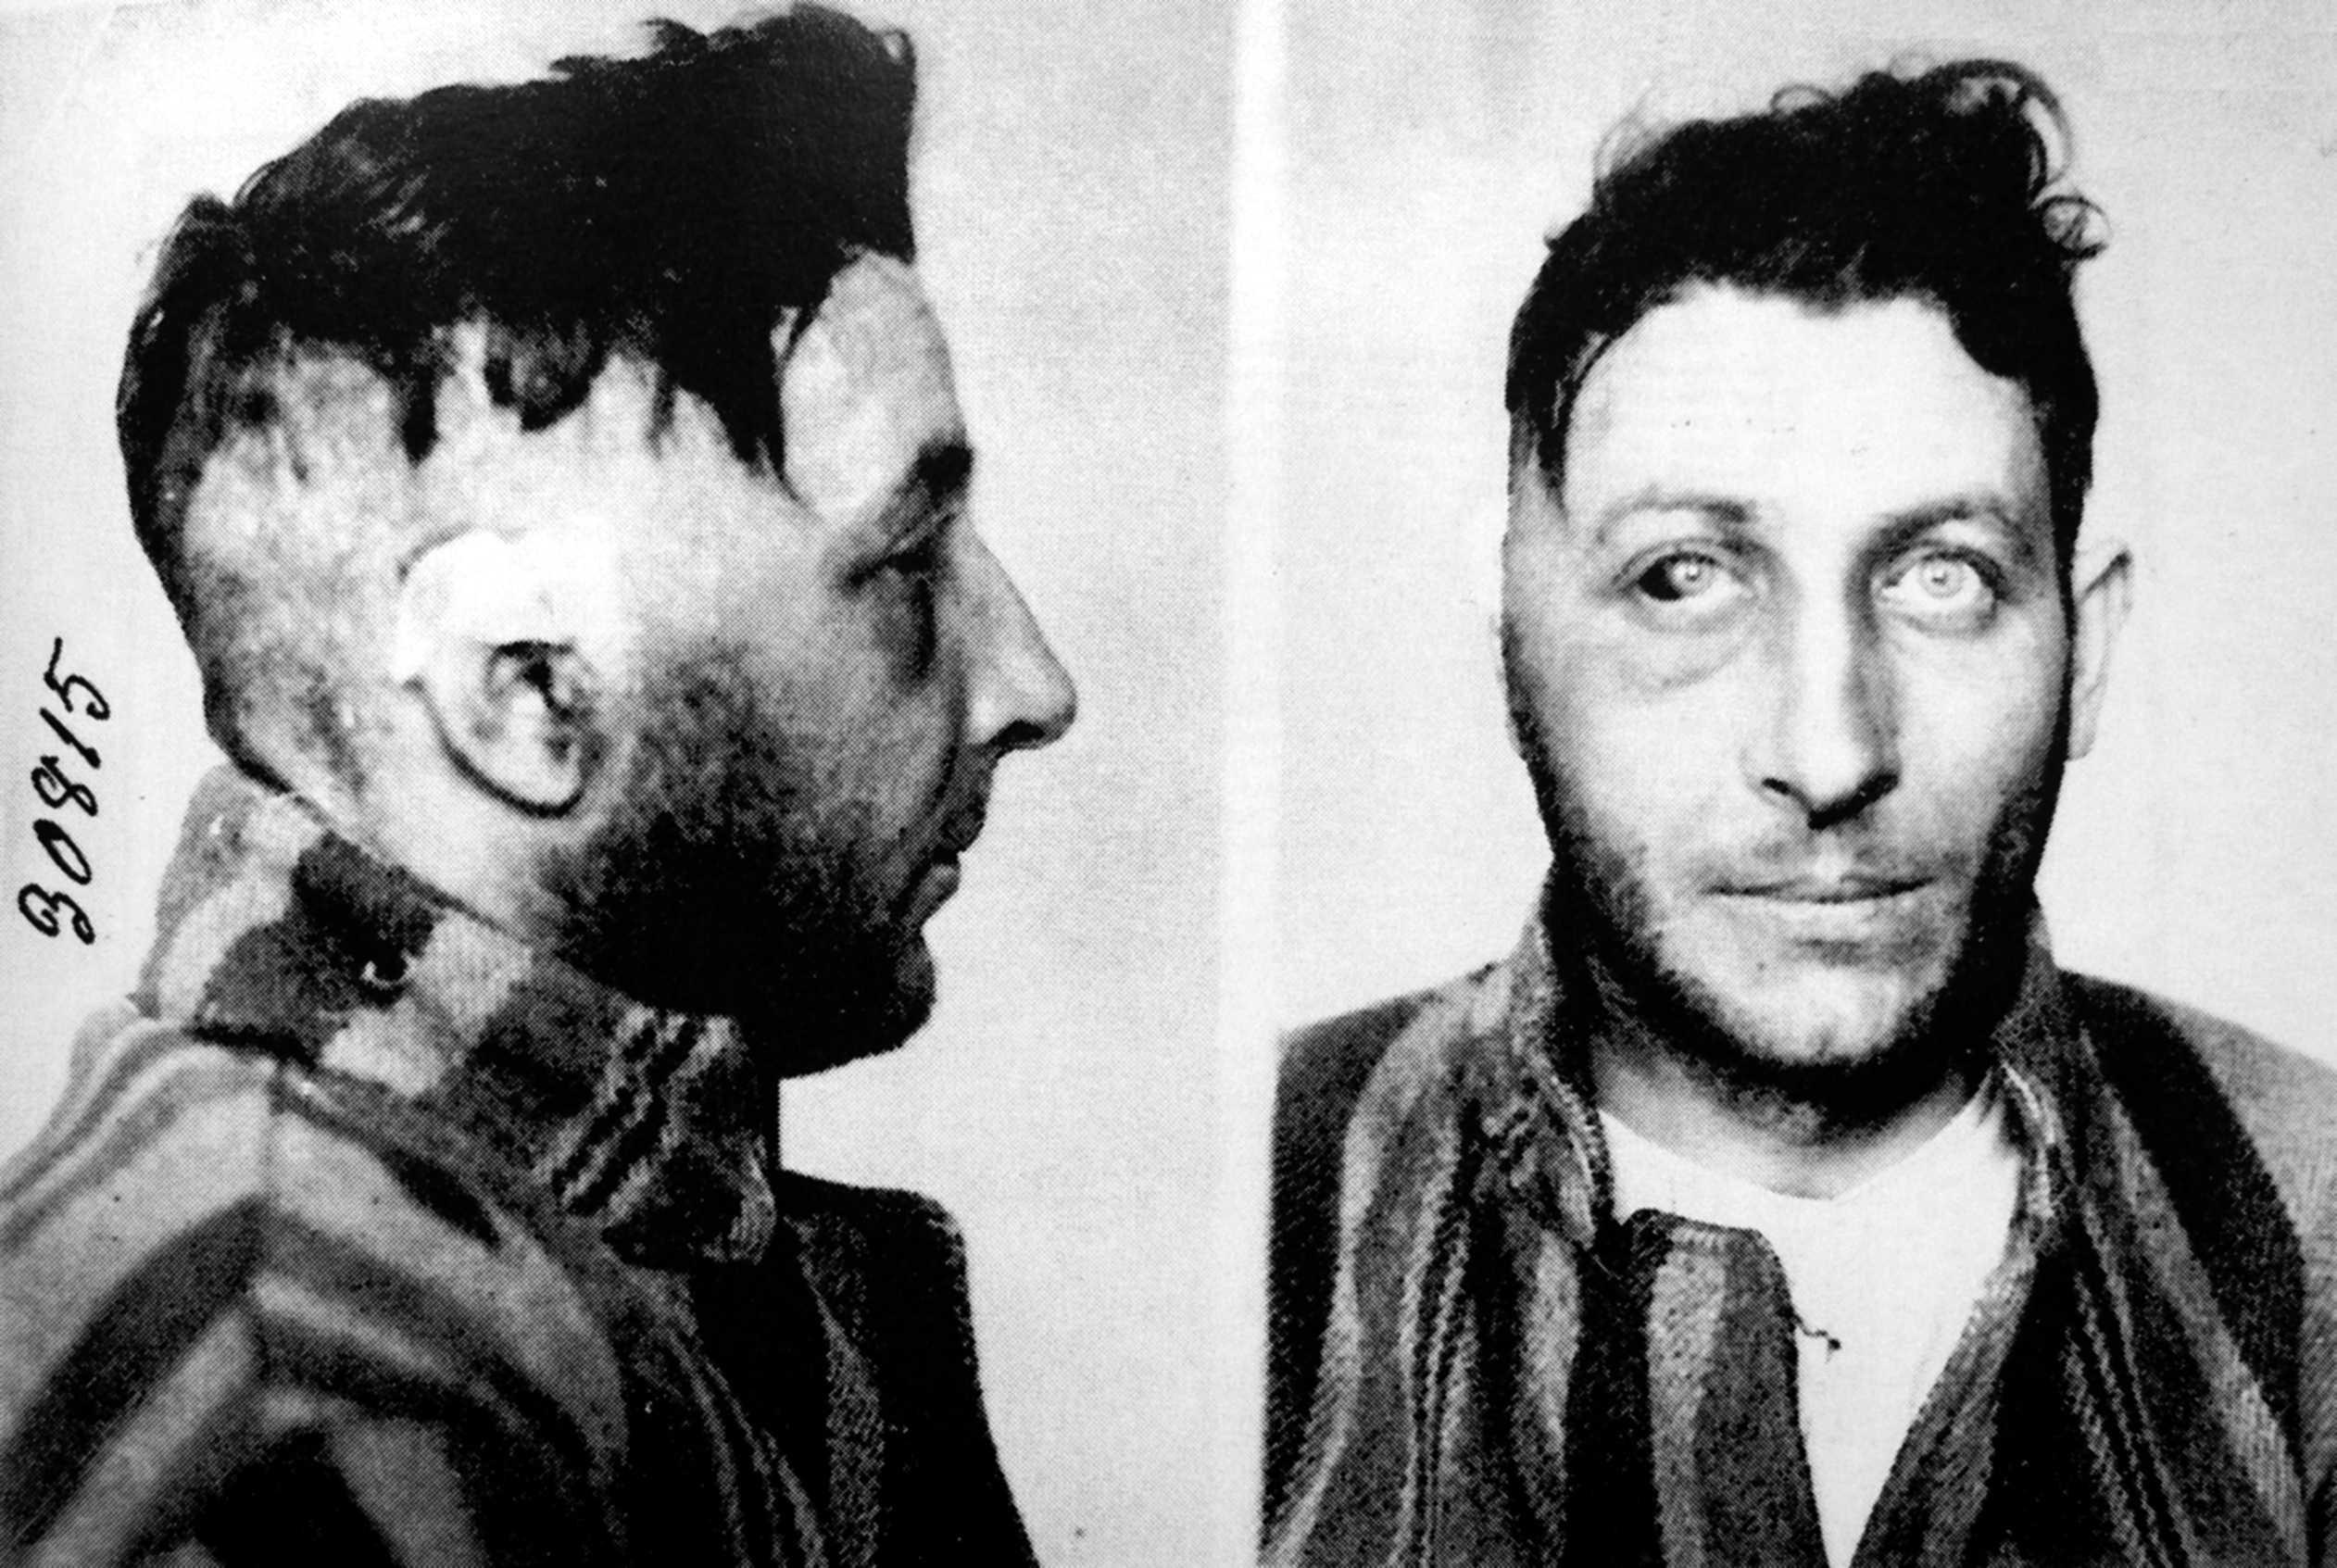 Michele Schirru en un foto policíaca amb la cara deformada arran de l'operació quirúrgica patida a conseqüència de la seva temptativa de suïcidi després de la seva detenció el 3 de febrer de 1931